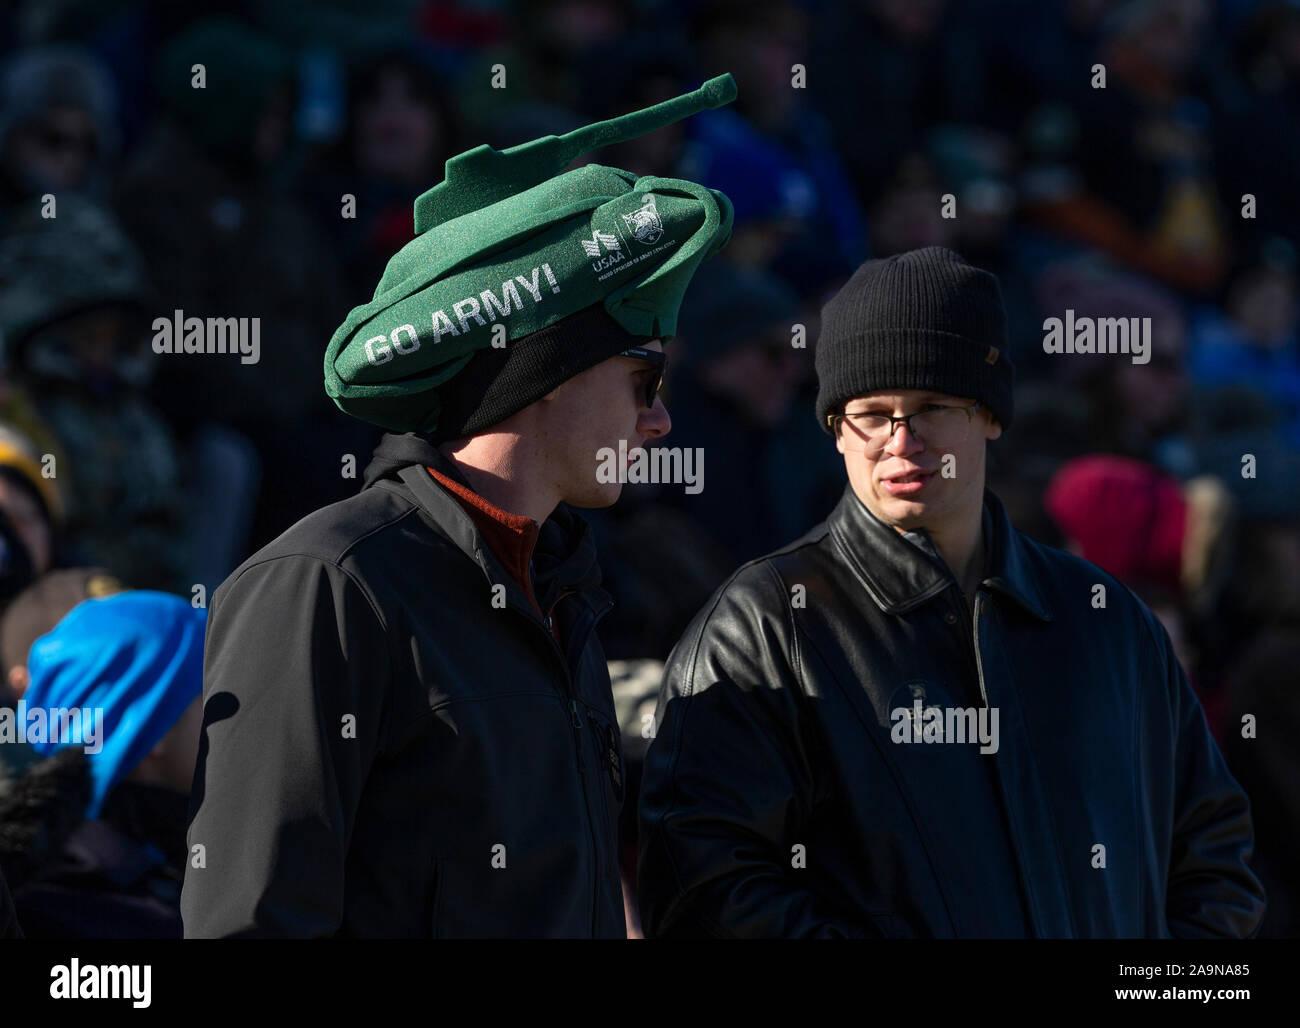 États-Unis Académie Militaire Armée Noir nuits USMA Baseball ball Cap Hat